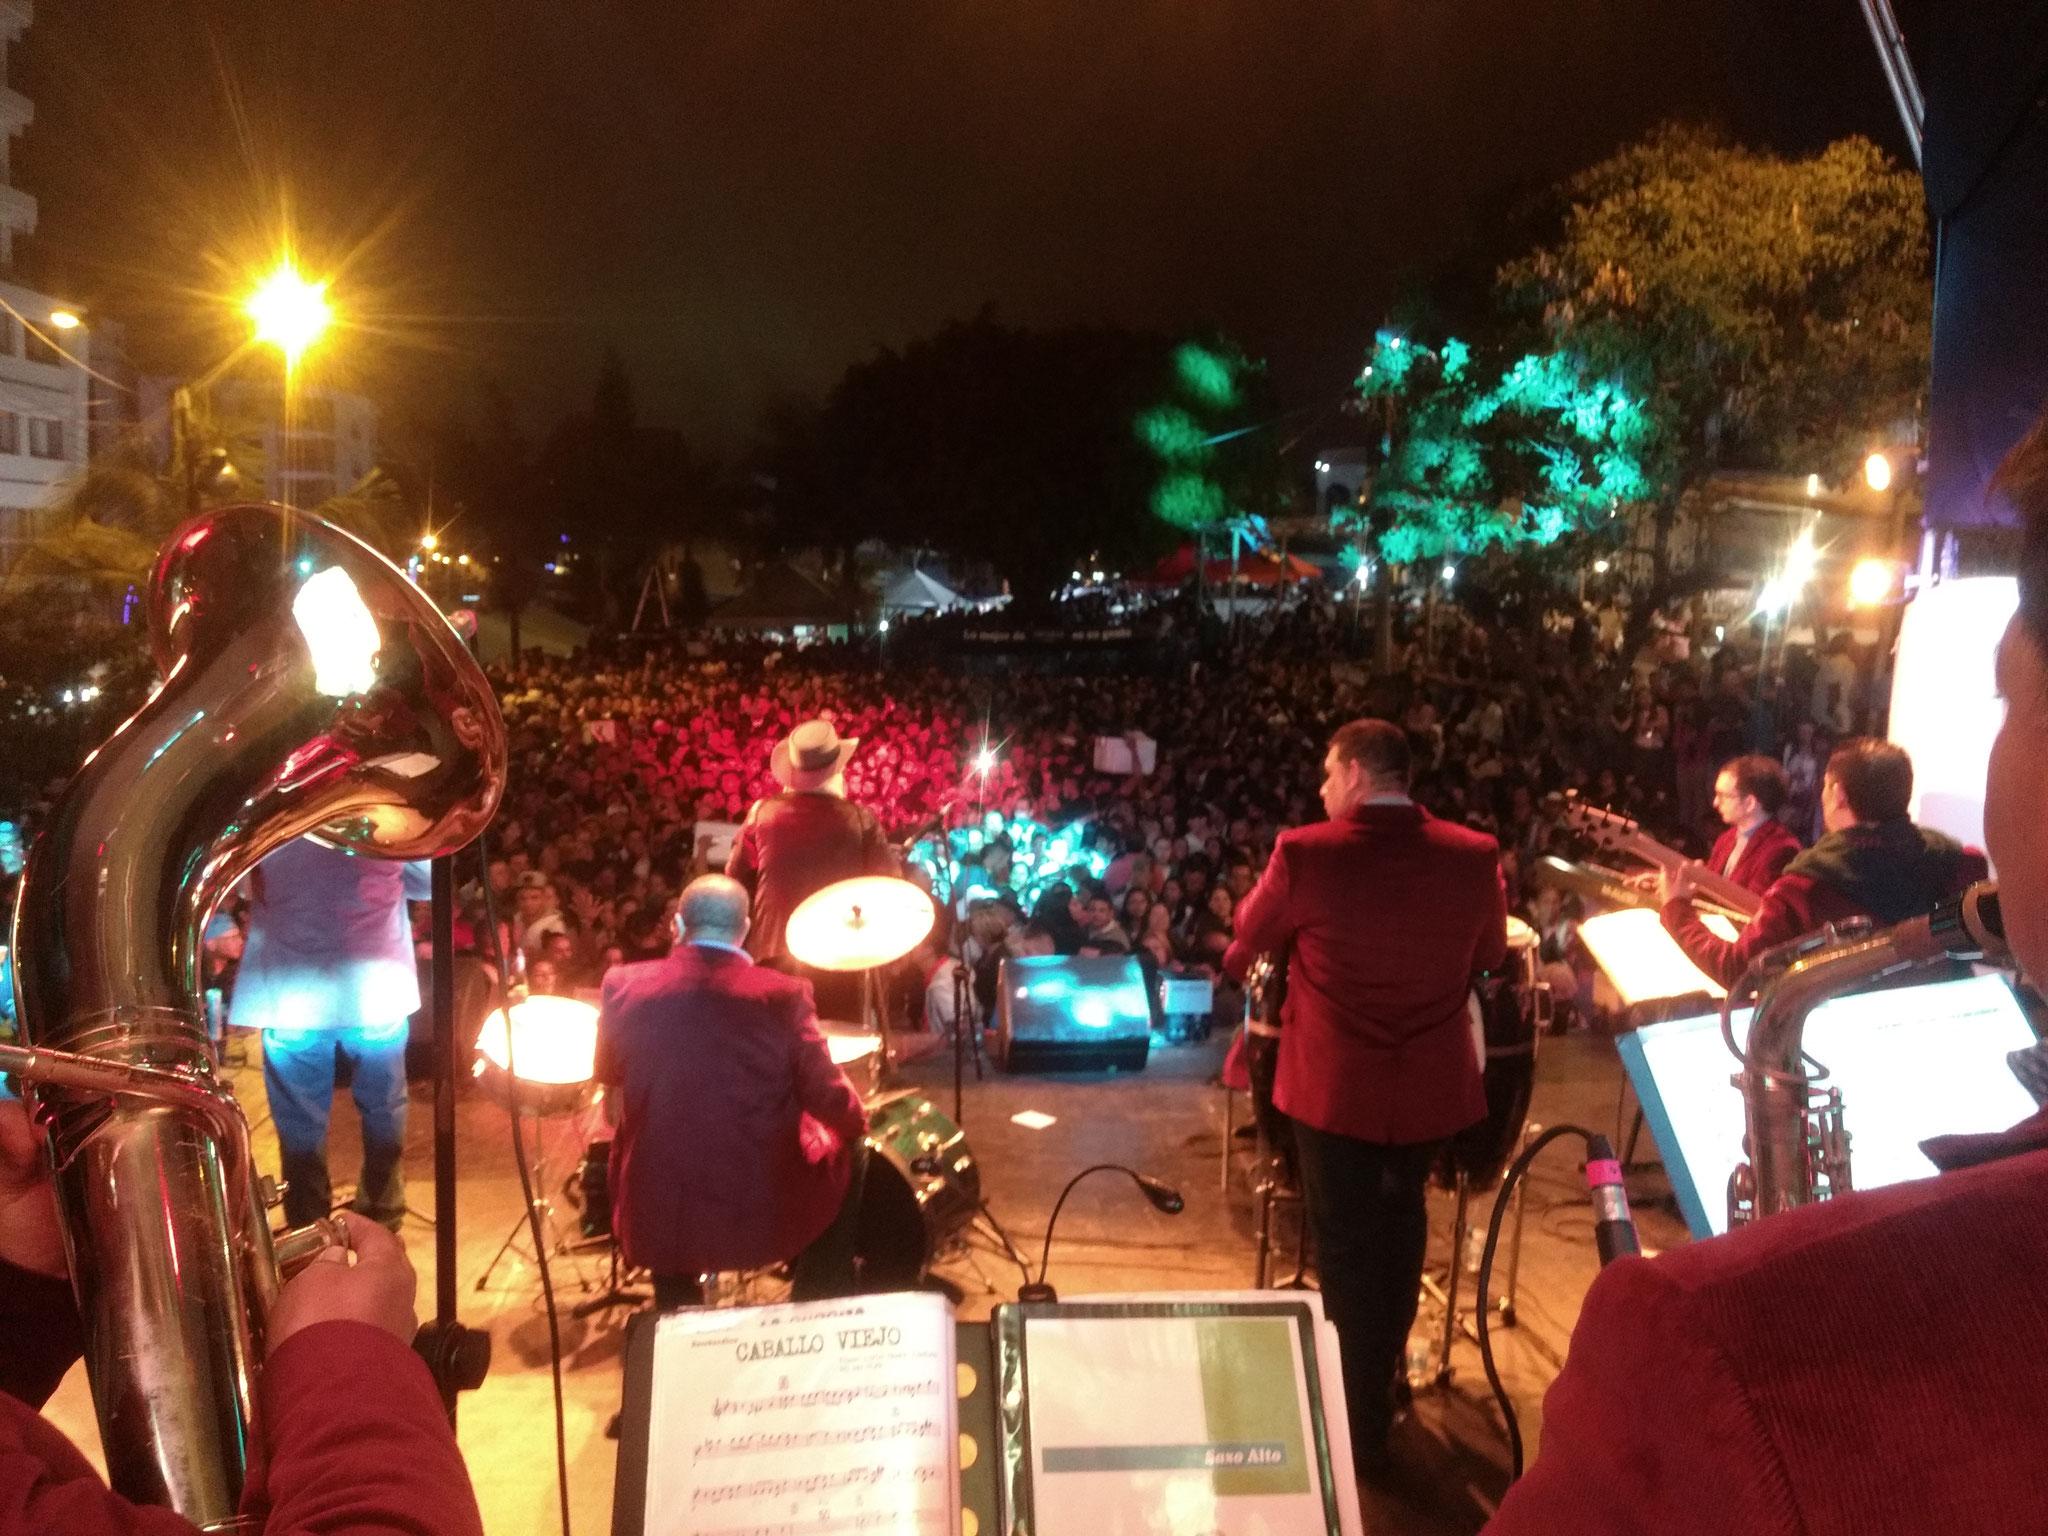 Fiestas de la Cabuya Guarne 16 de diciembre 2017